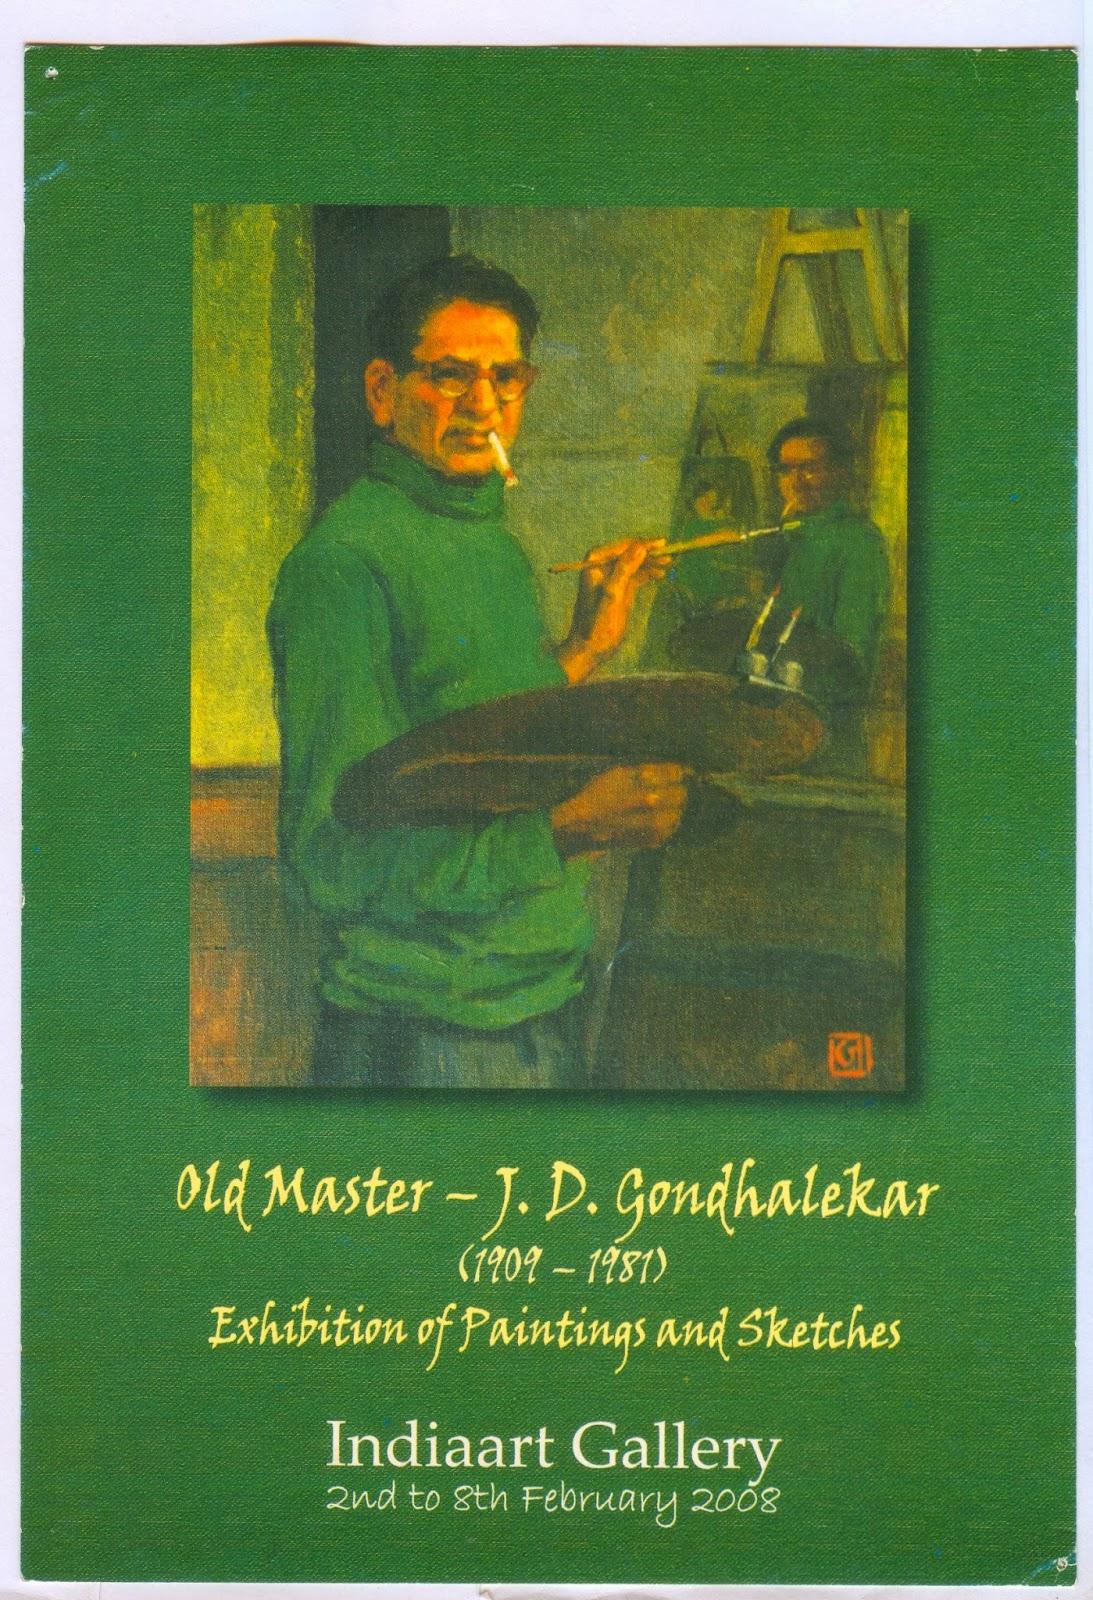 Old Master J D Gondhalekar Indian Art Craft And Photography